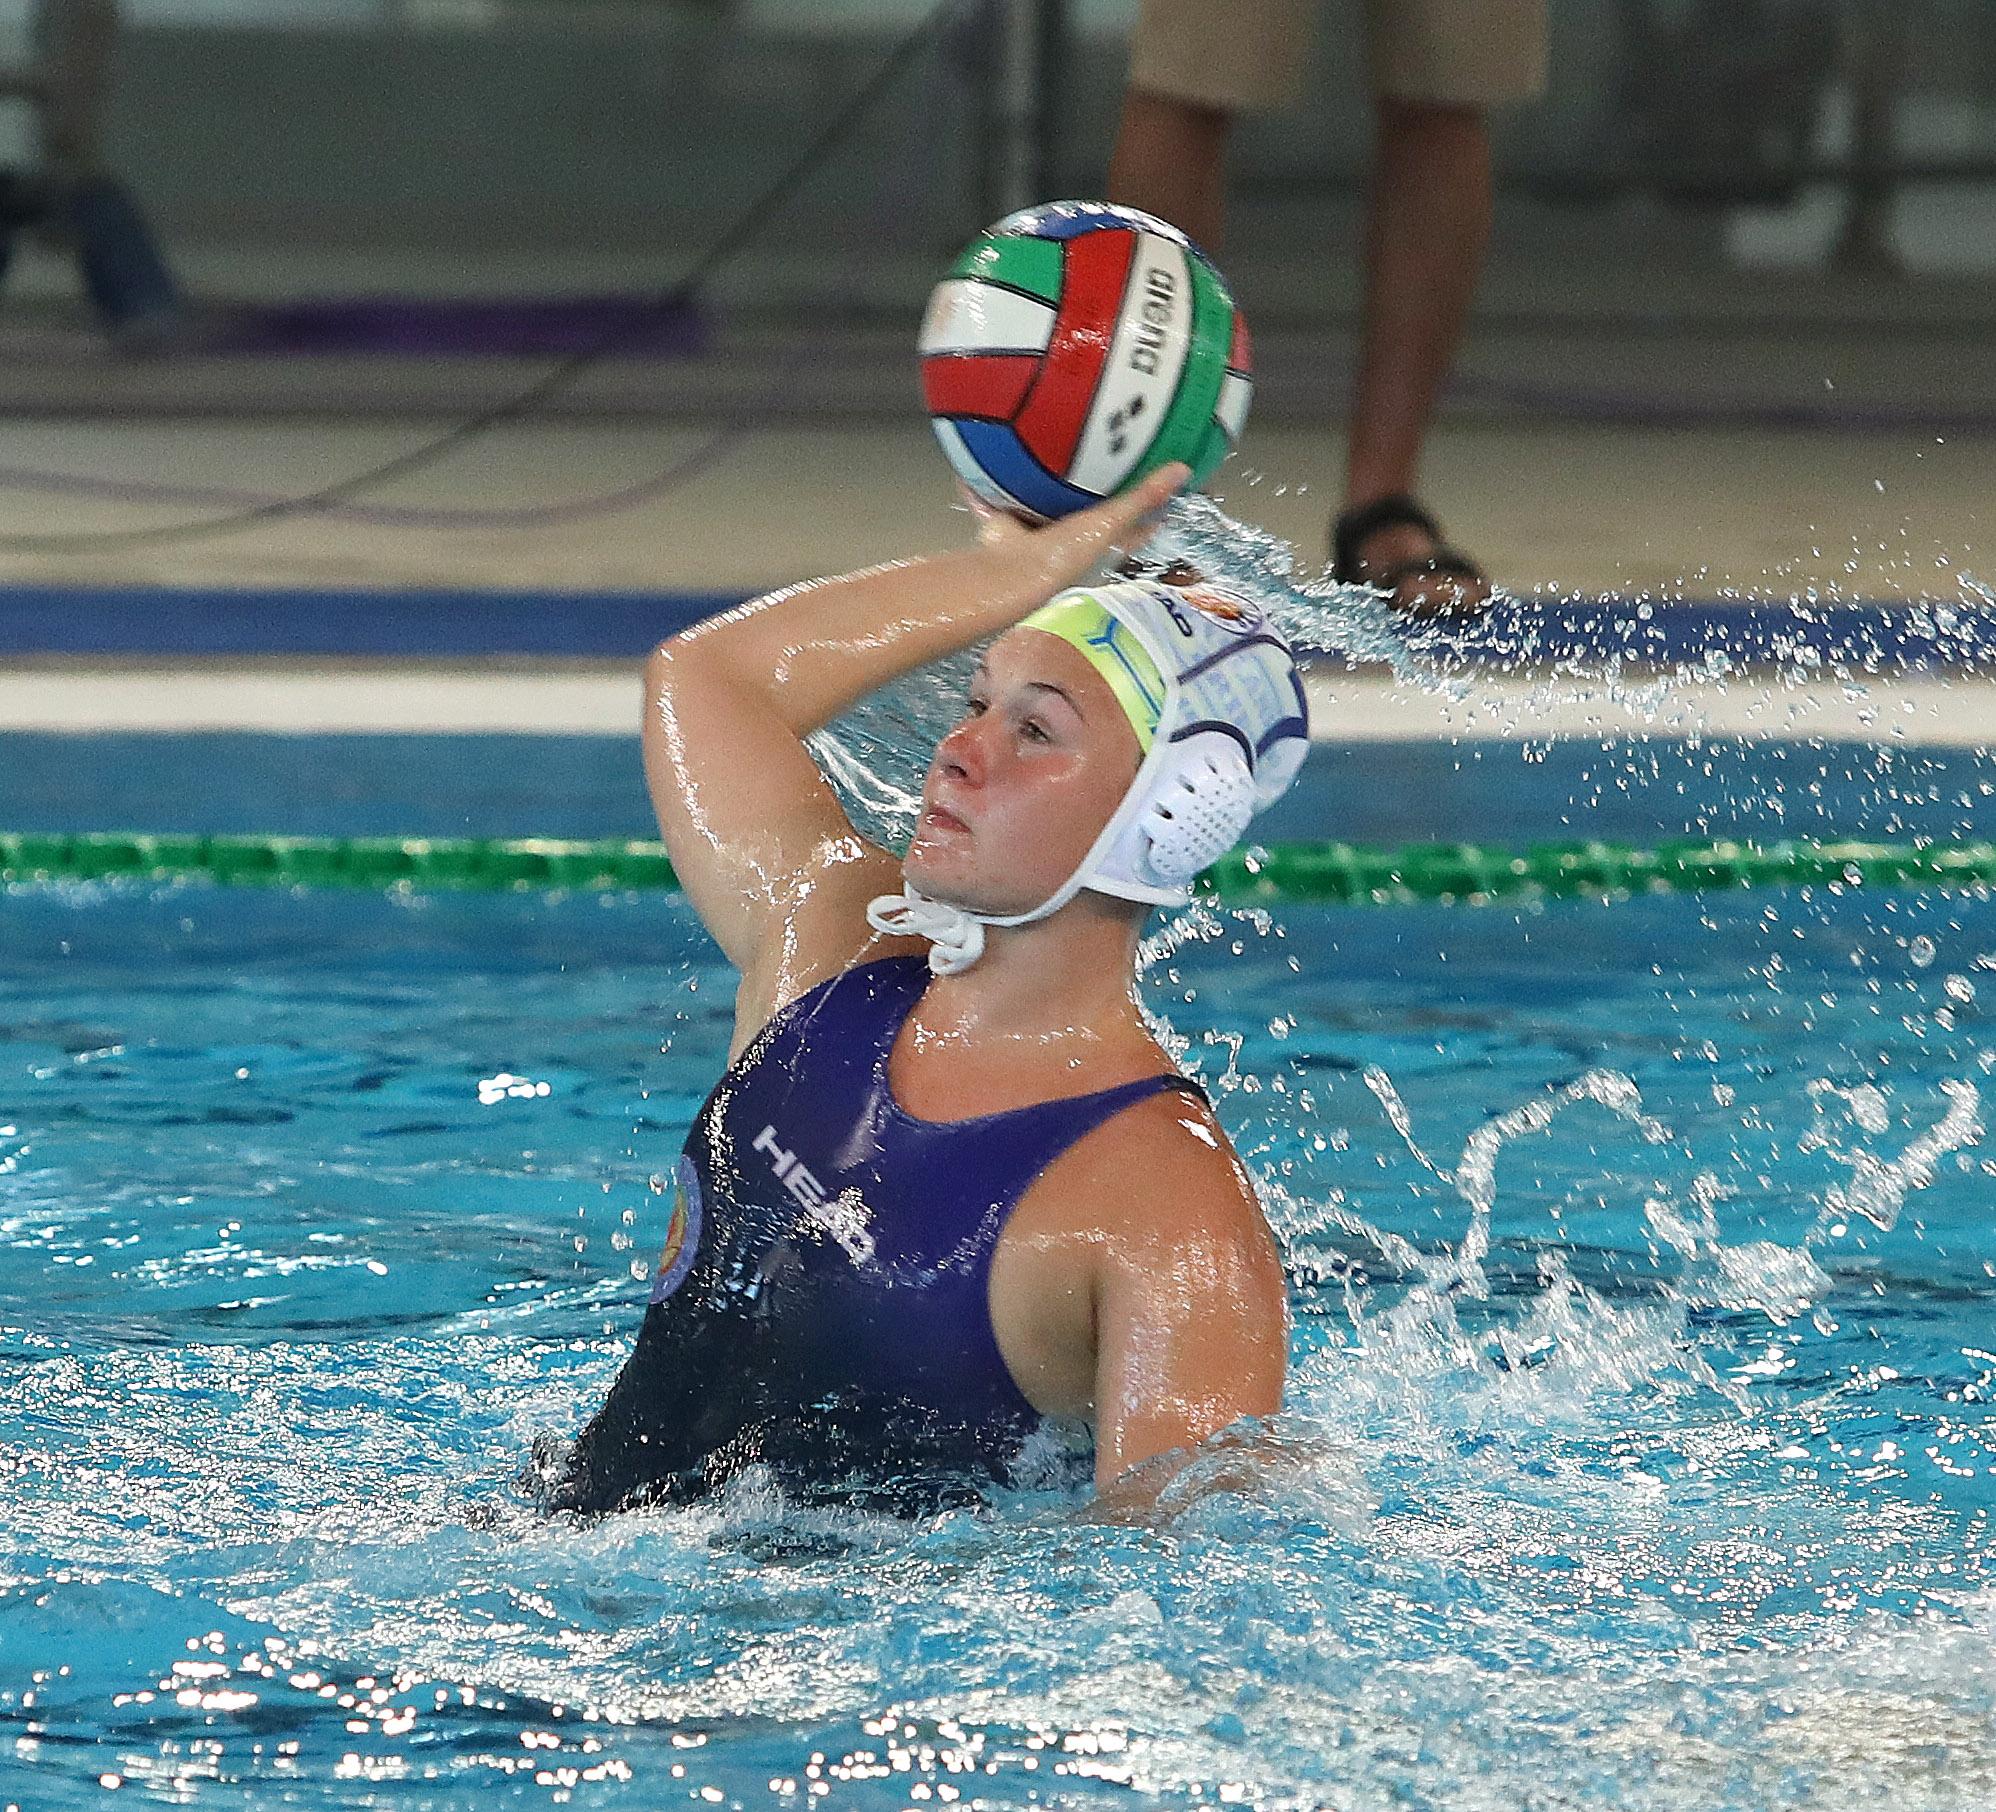 Under 15 femminile: finali scudetto, la Pallanuoto Trieste si arrende all'Orizzonte Catania (4-3) e chiude al quarto posto